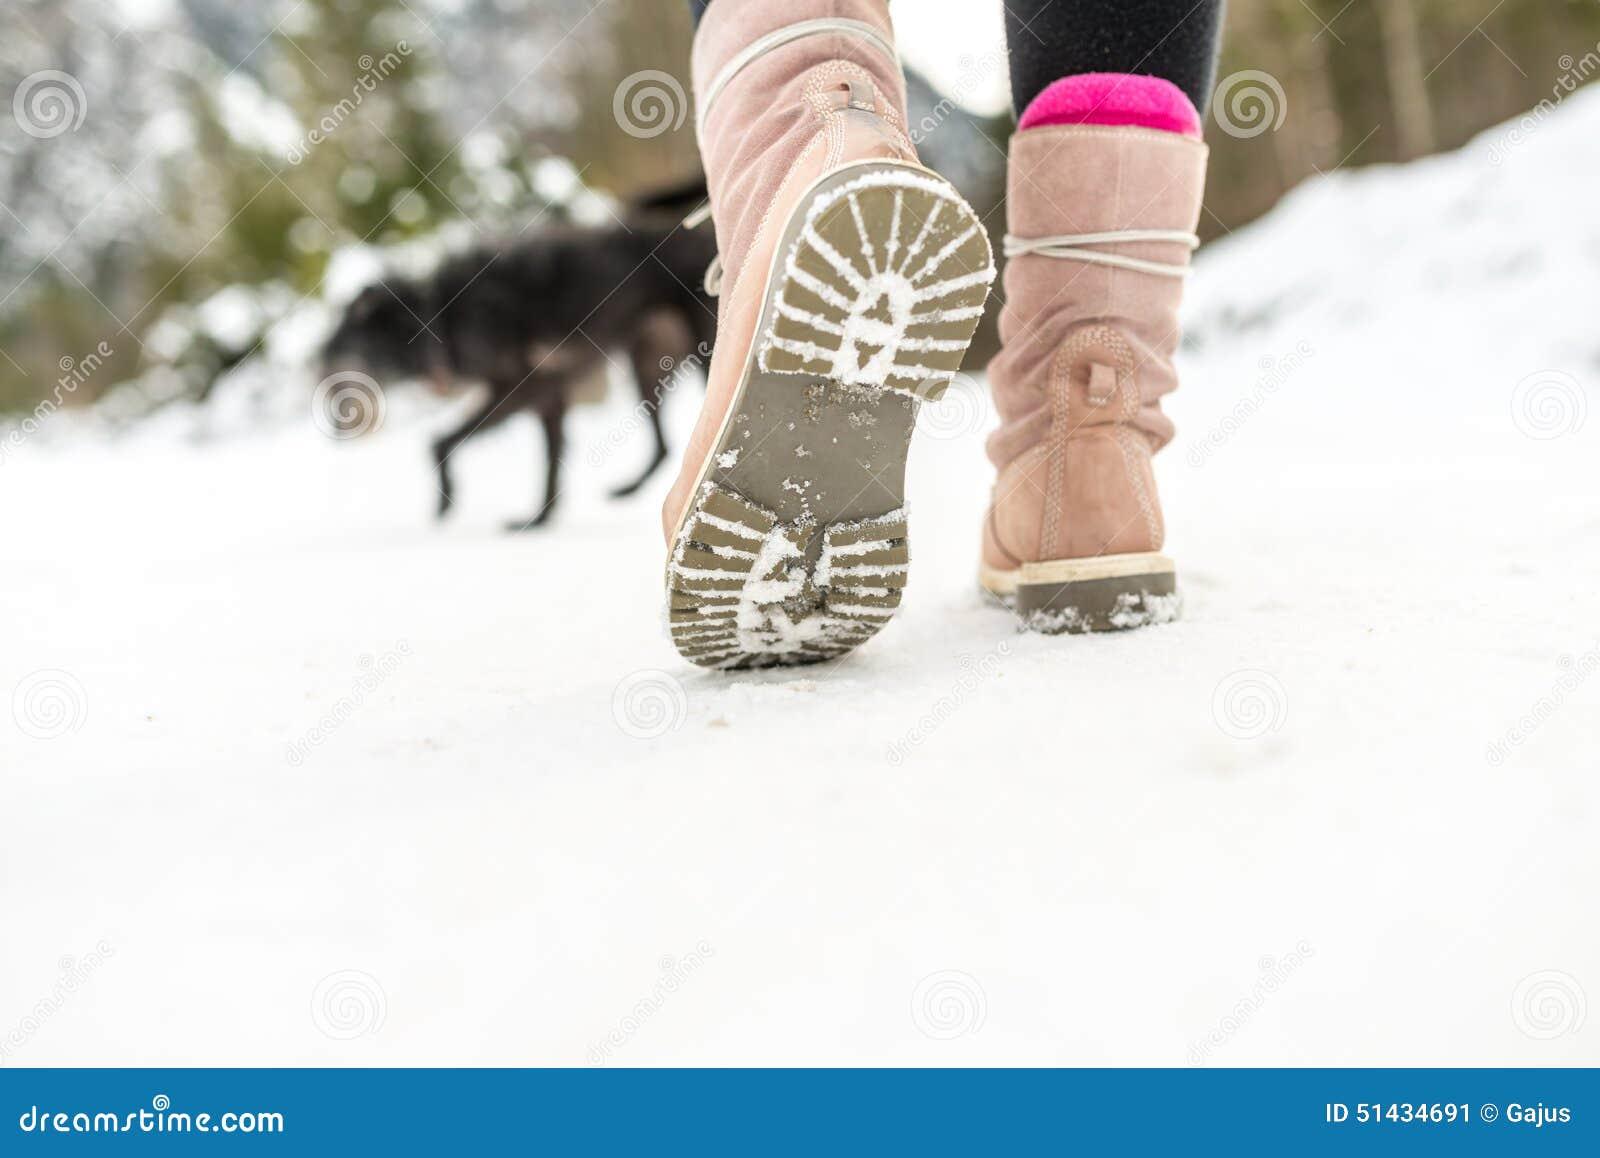 chaussures d 39 hiver d 39 une femme marchant sur la neige photo. Black Bedroom Furniture Sets. Home Design Ideas